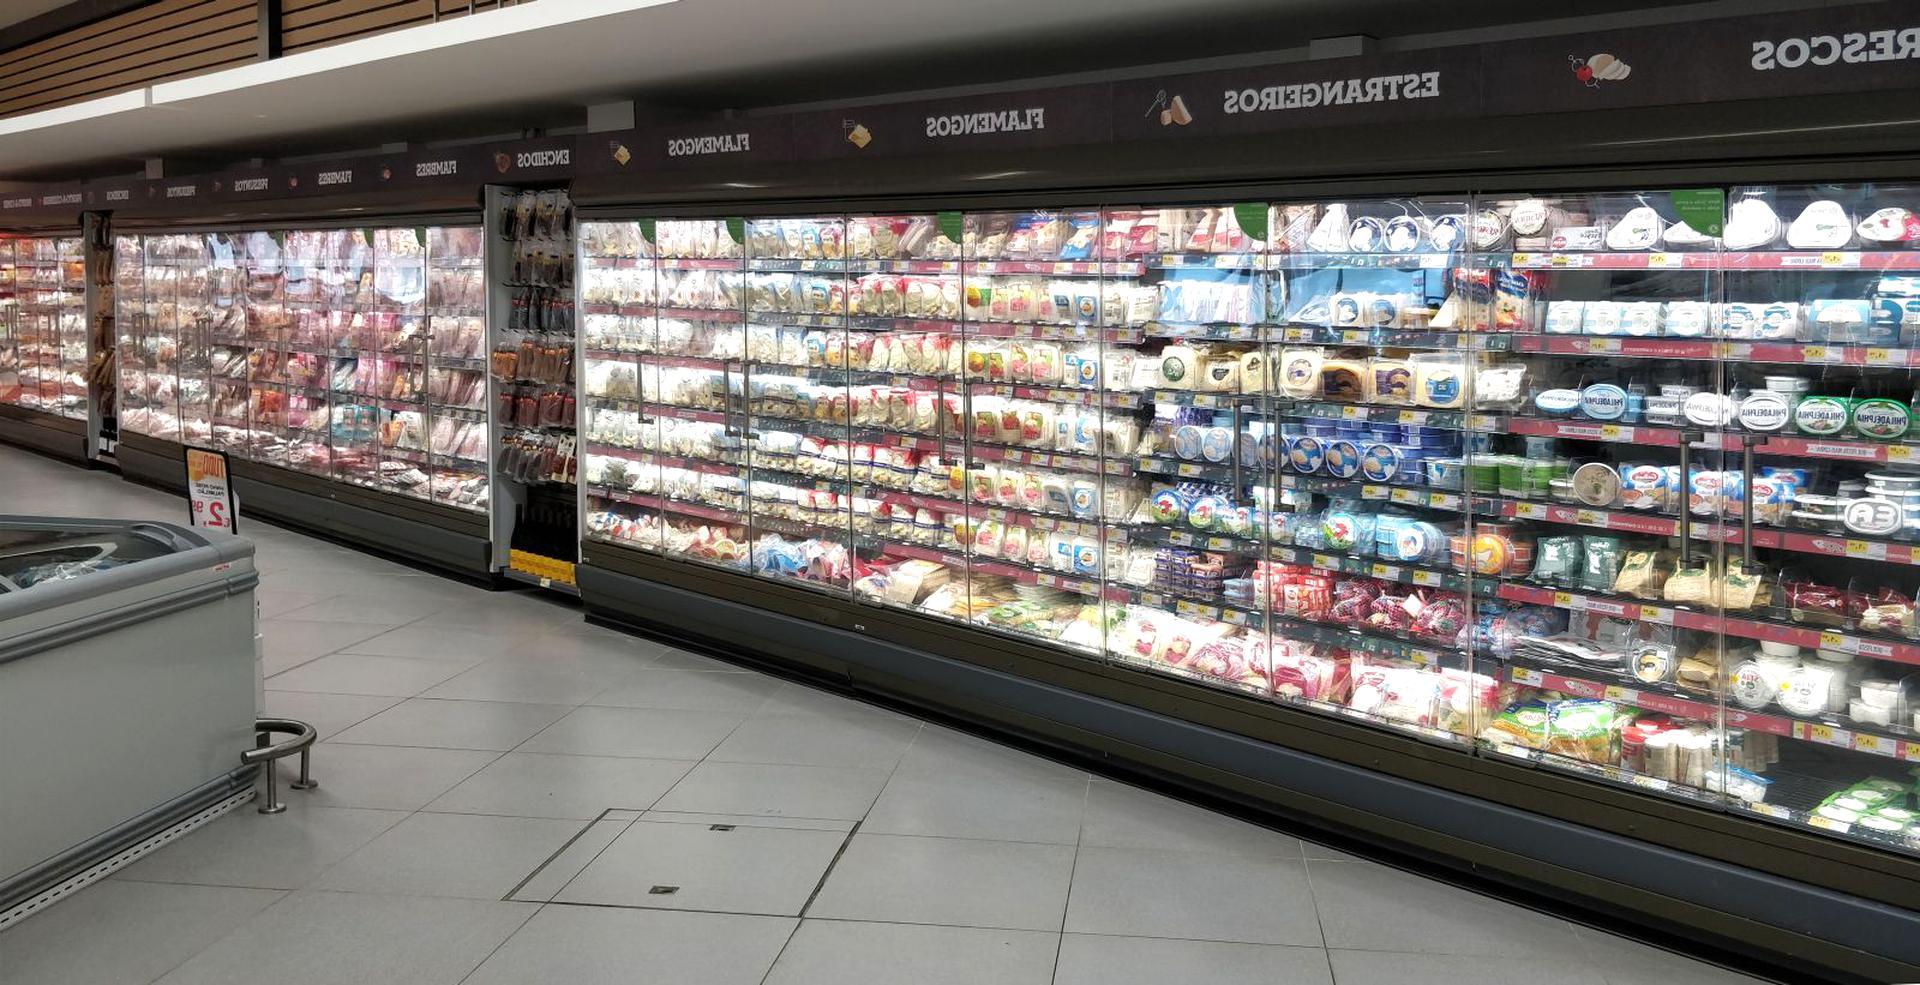 Vendita Attrezzature Per Supermercati Usate.Supermercato Attrezzature Usato In Italia Vedi Tutte I 27 Prezzi